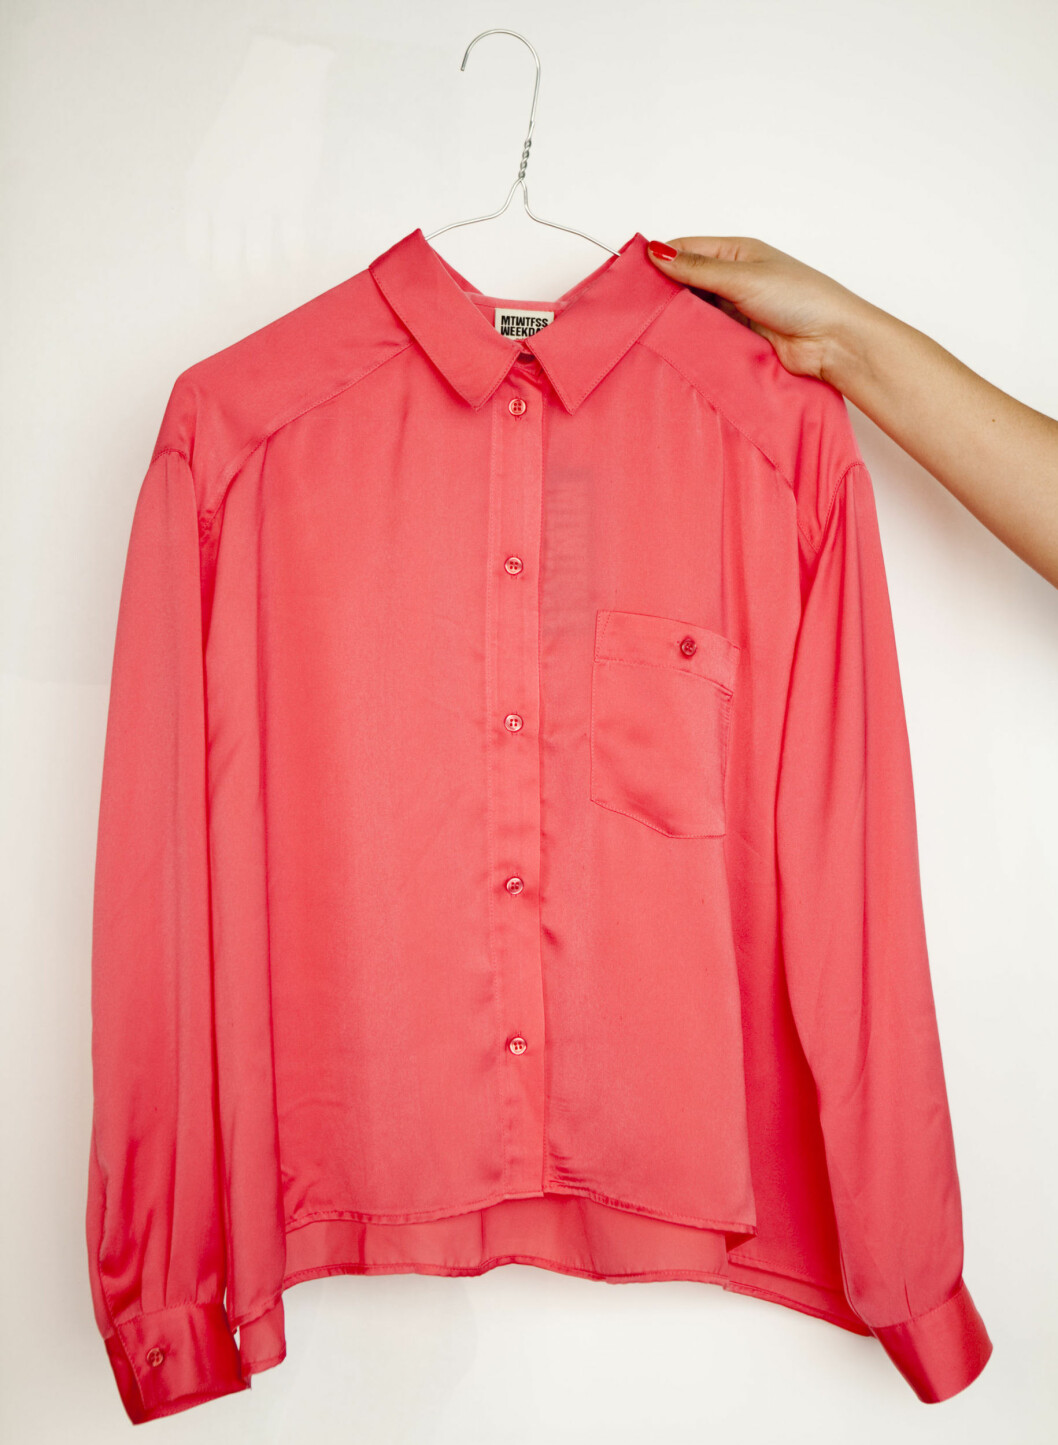 Rosa bluse fra Weekday. Foto: Per Ervland